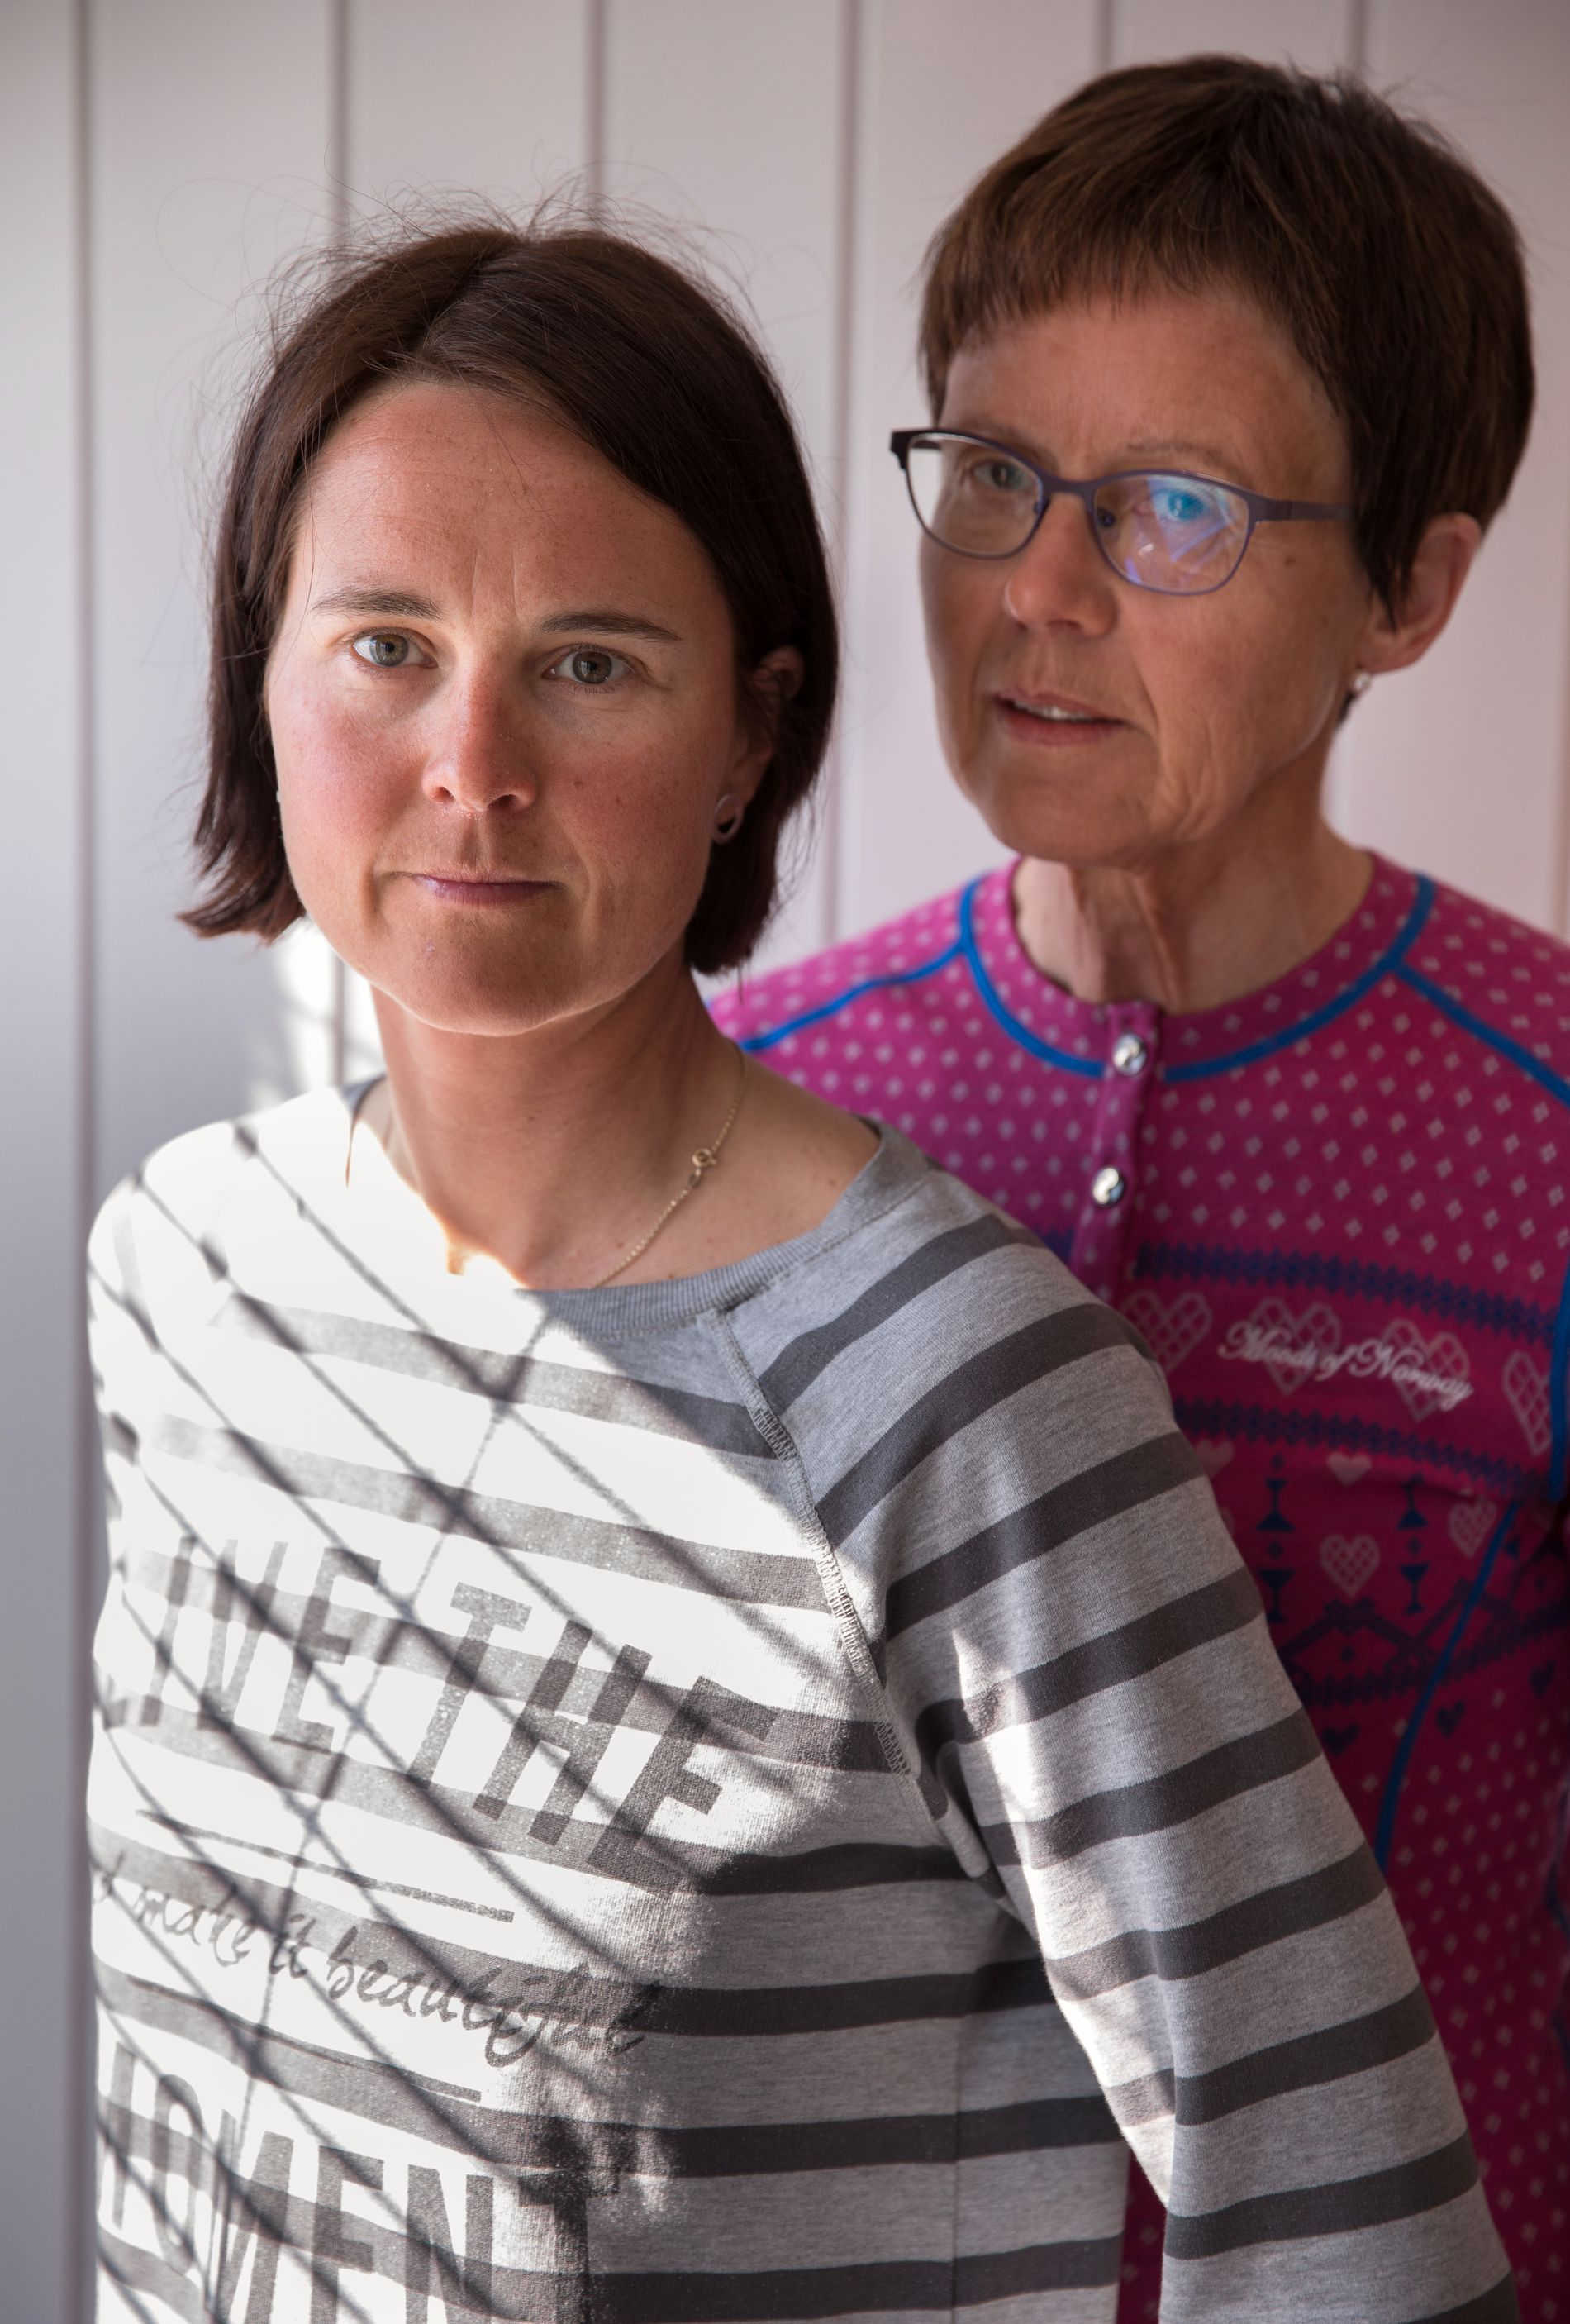 TØFF KAMP: Beret Sporsheim og datteren Åshild Sporsheim er kritiske til måten deres ektemann og pappa ble behandlet på av Dovre kommune mens han var syk.